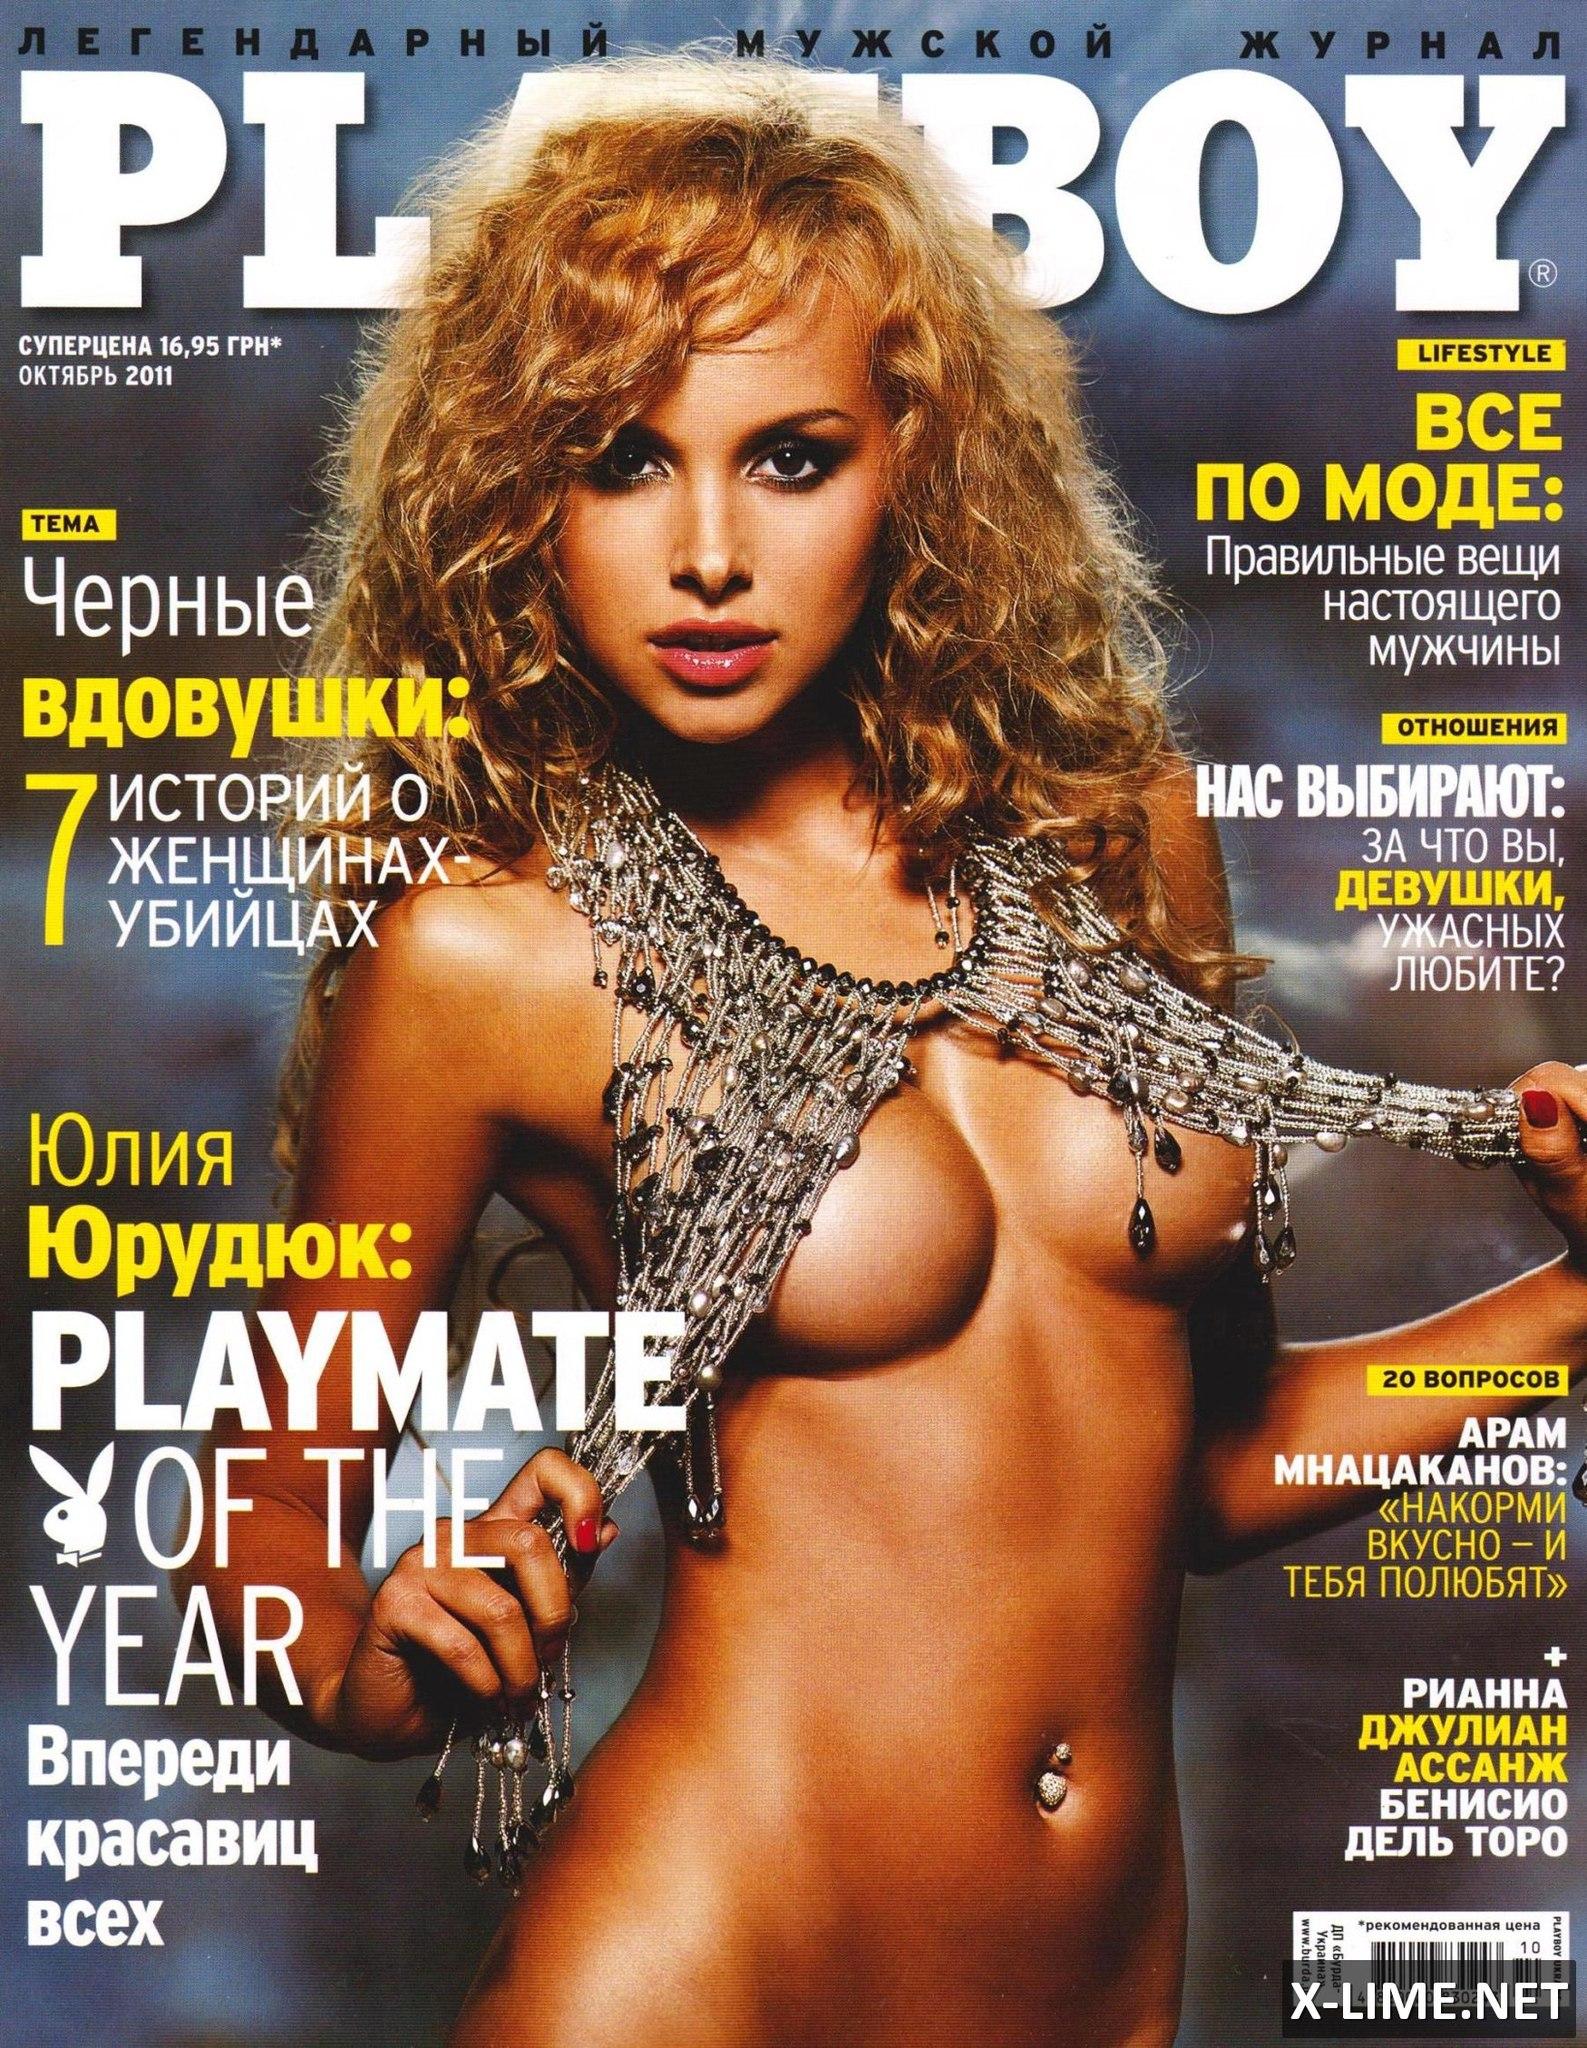 Российские звезды в журнале пентхауз 21 фотография